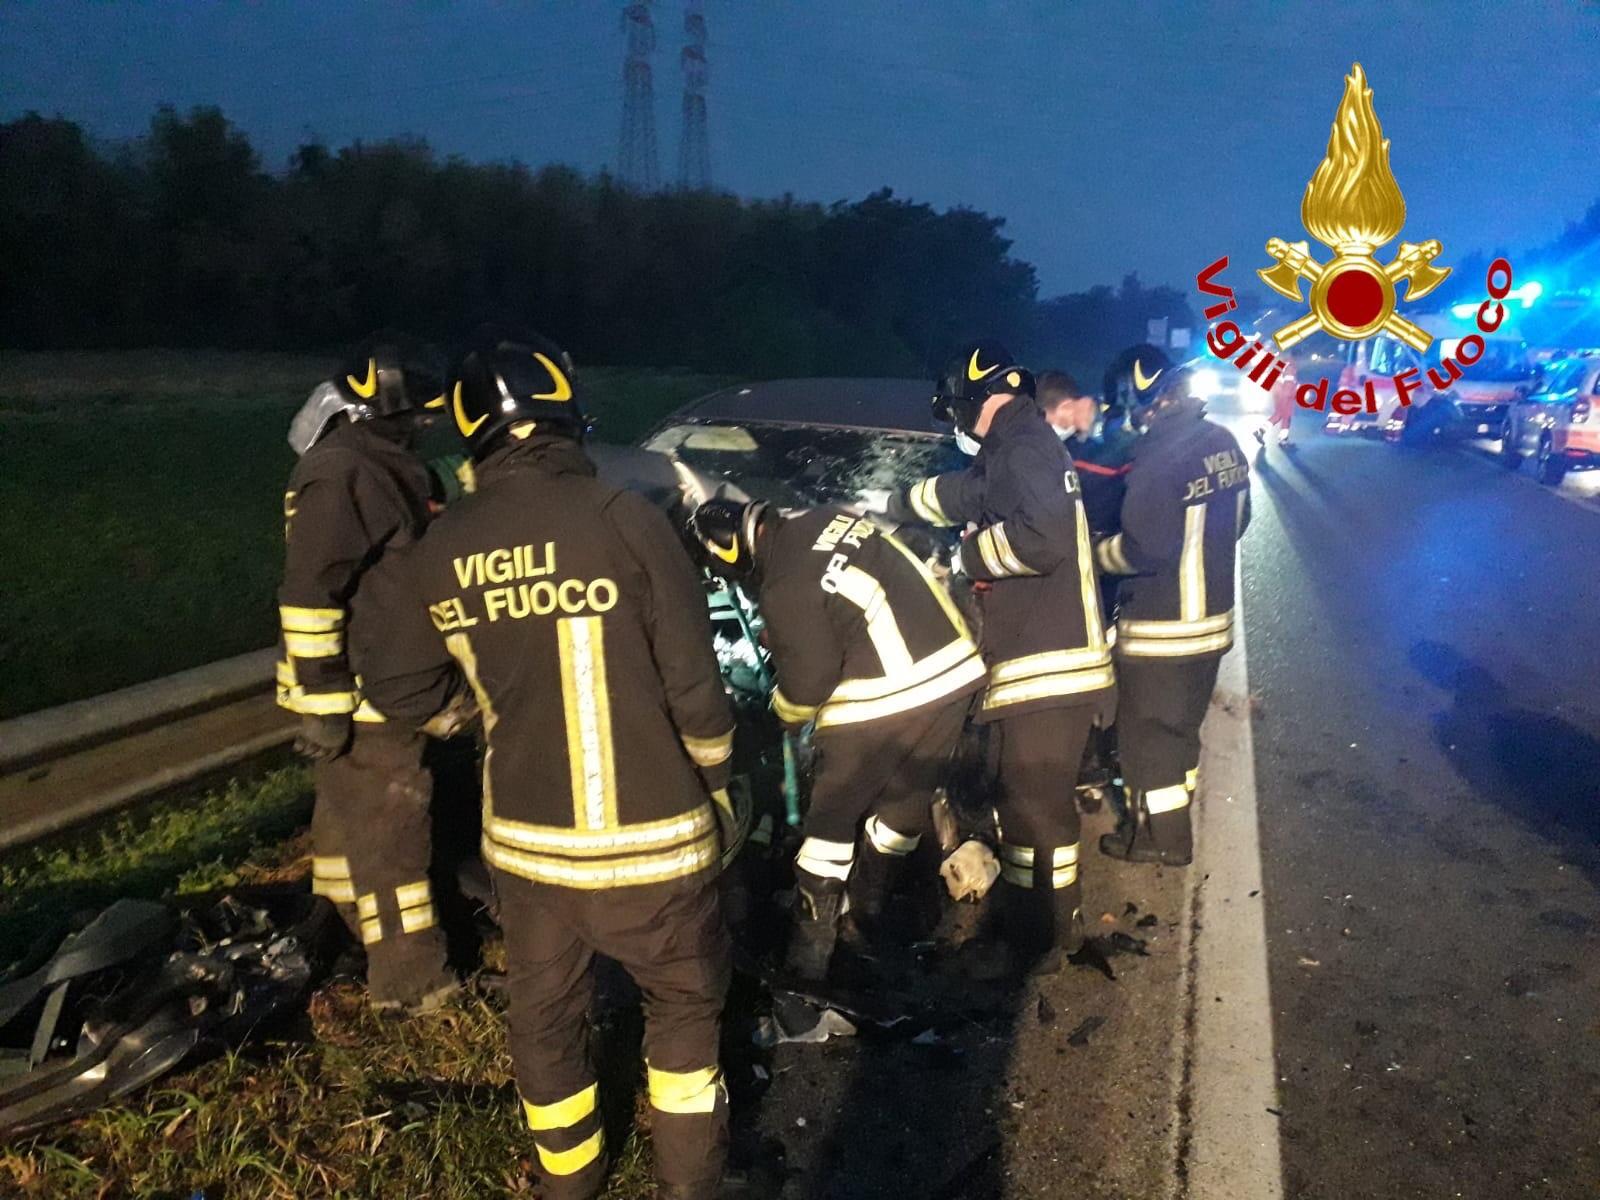 incidente Uncategorized - Incidente stradale a San Giuliano. 2 feriti gravi 10/09/2020